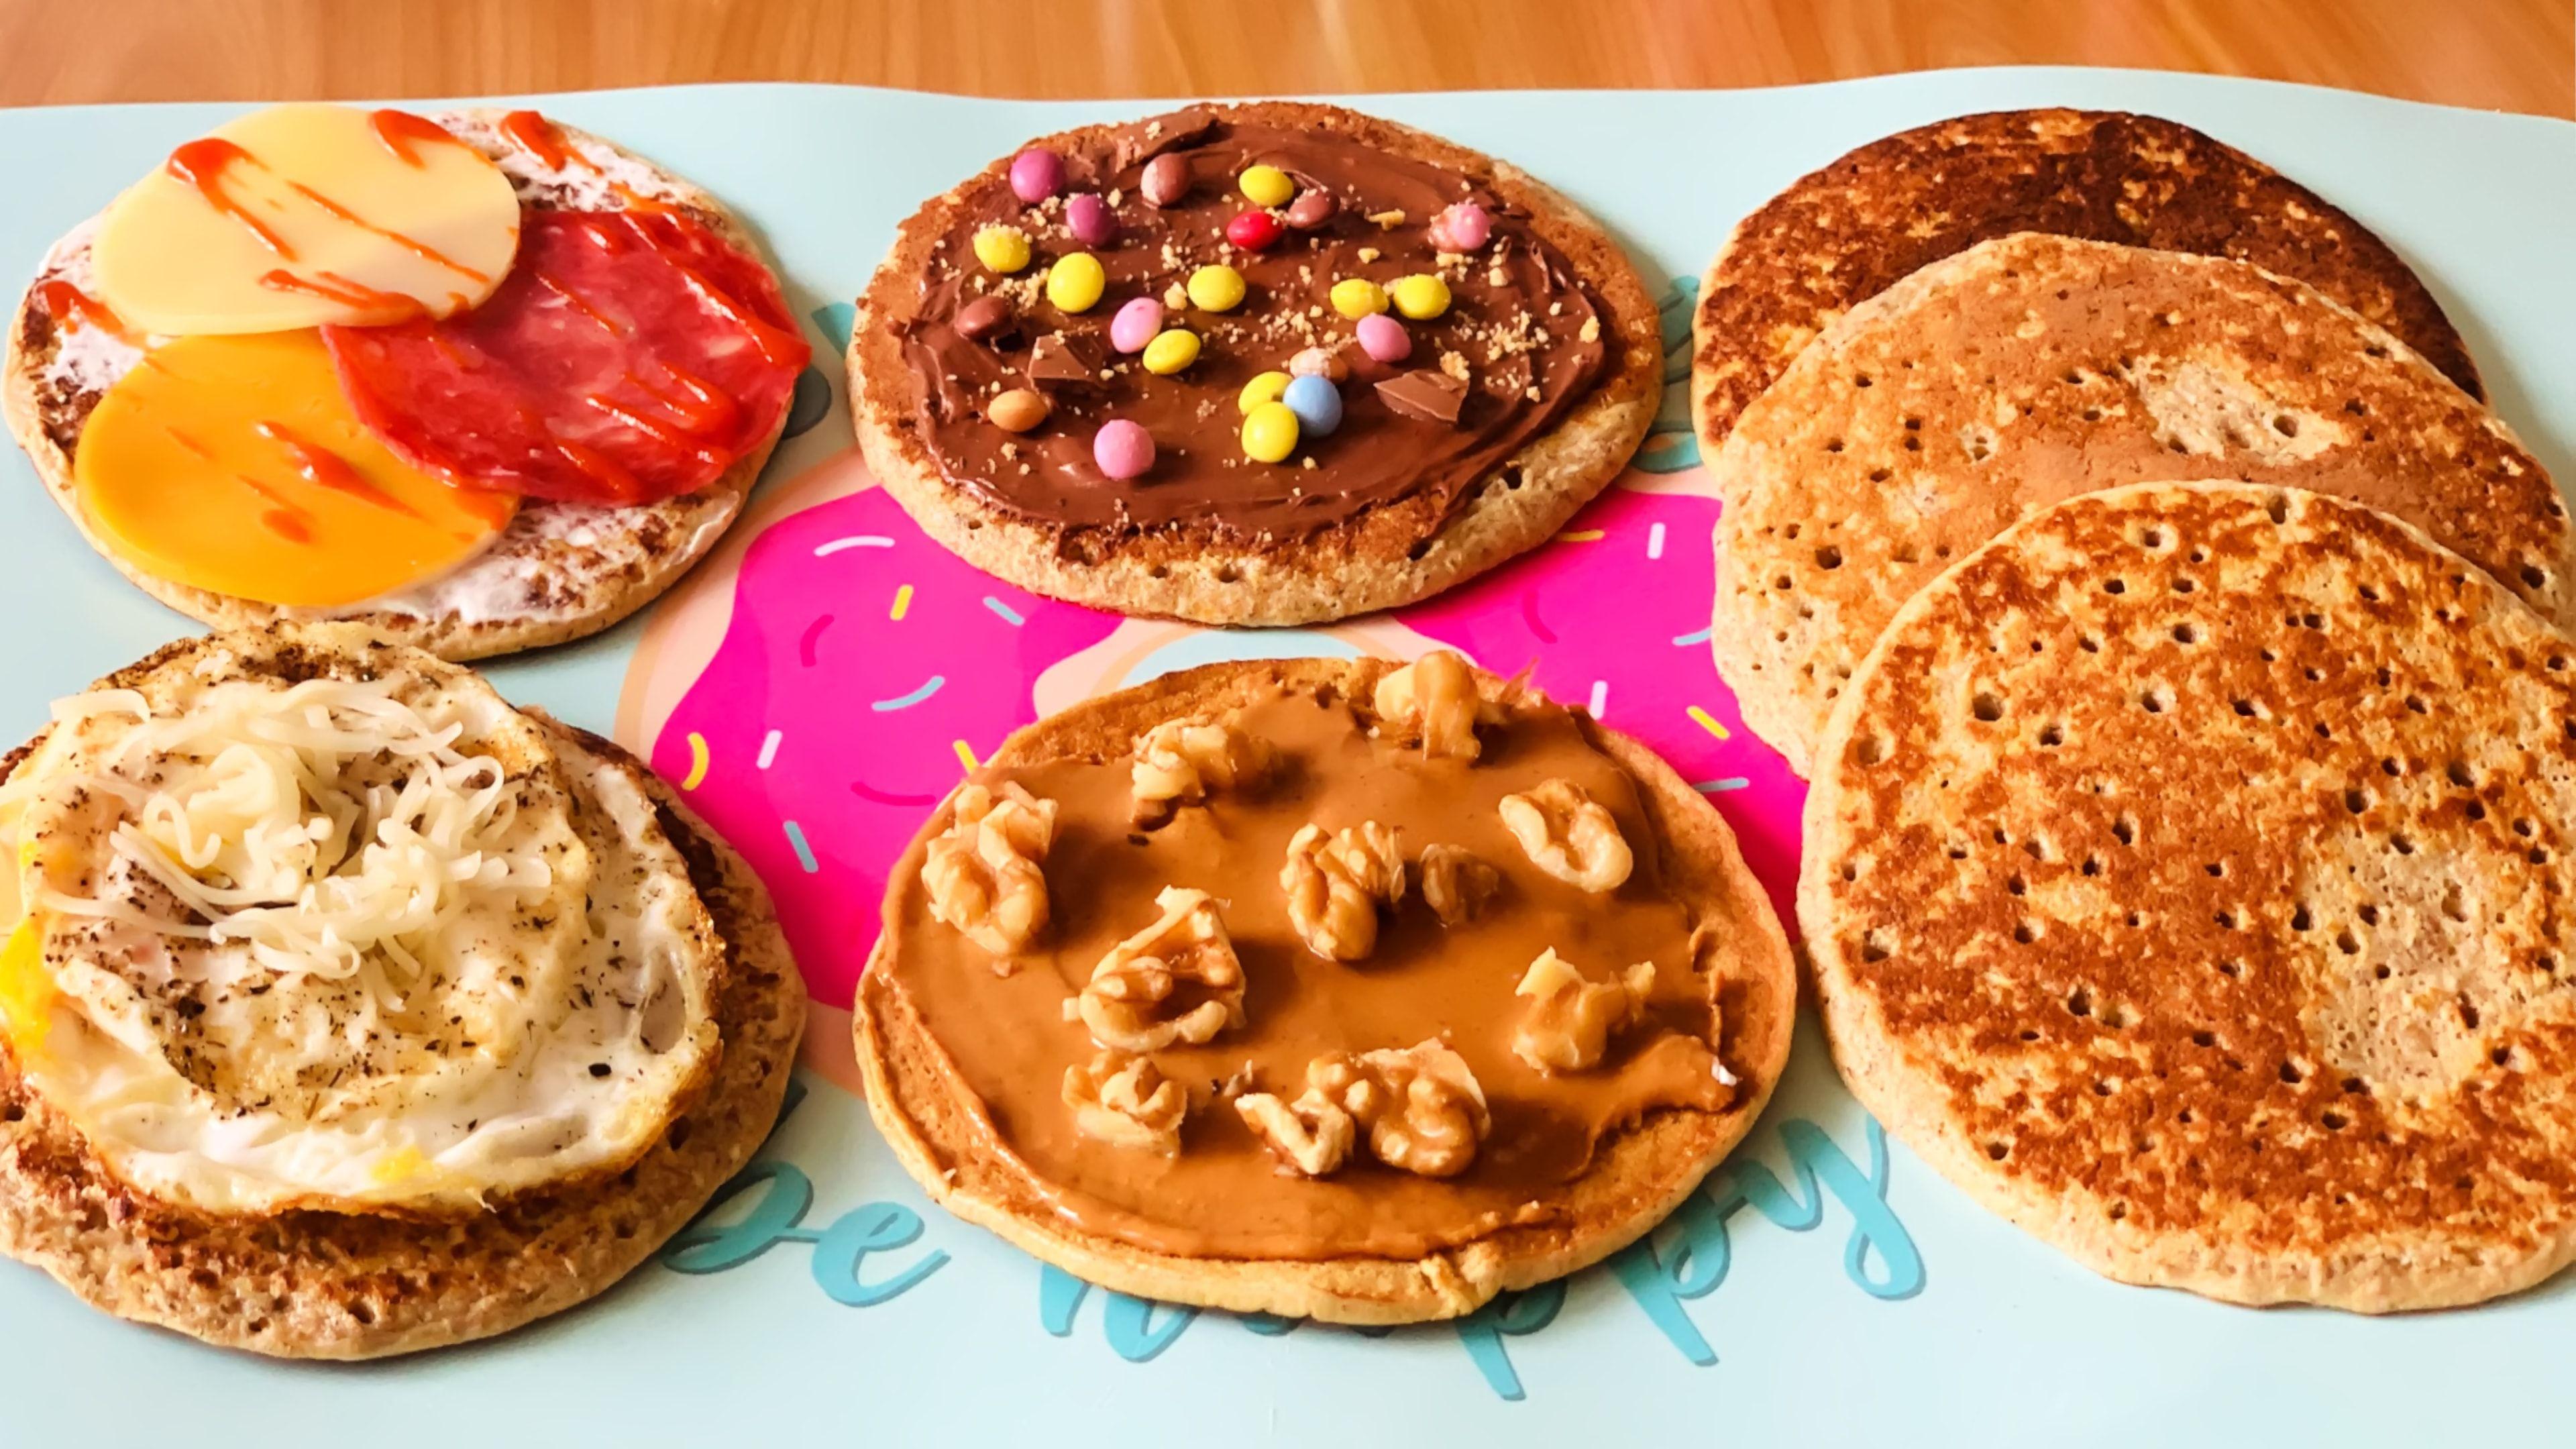 غير بكأس حليب و بدون عجن أسرع فطائر المقلاة لفطور الصباح بدون خميرة ولا دقيق Food Breakfast Muffin